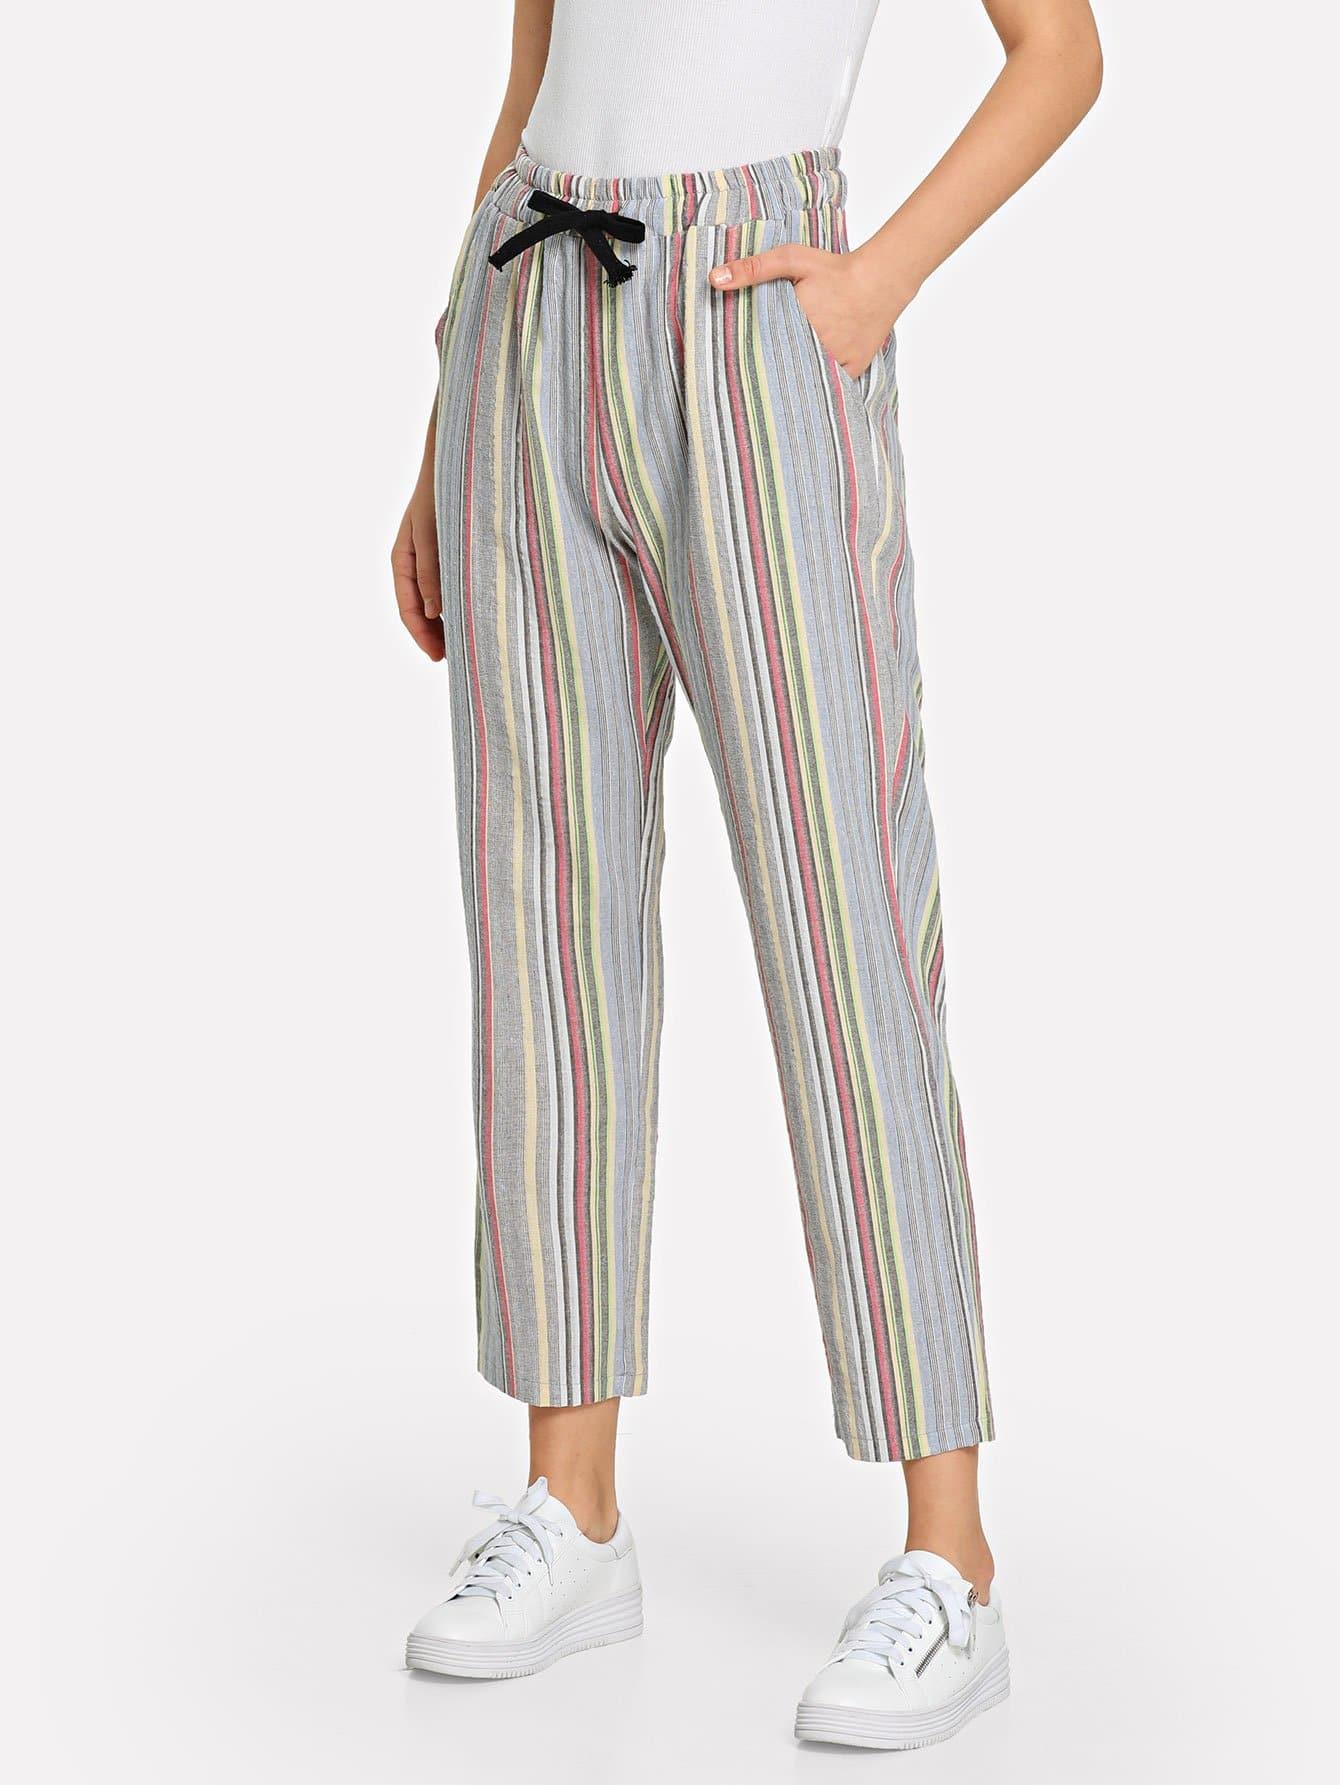 Купить Полосатые брюки и с украшением банта перед, Teresa, SheIn